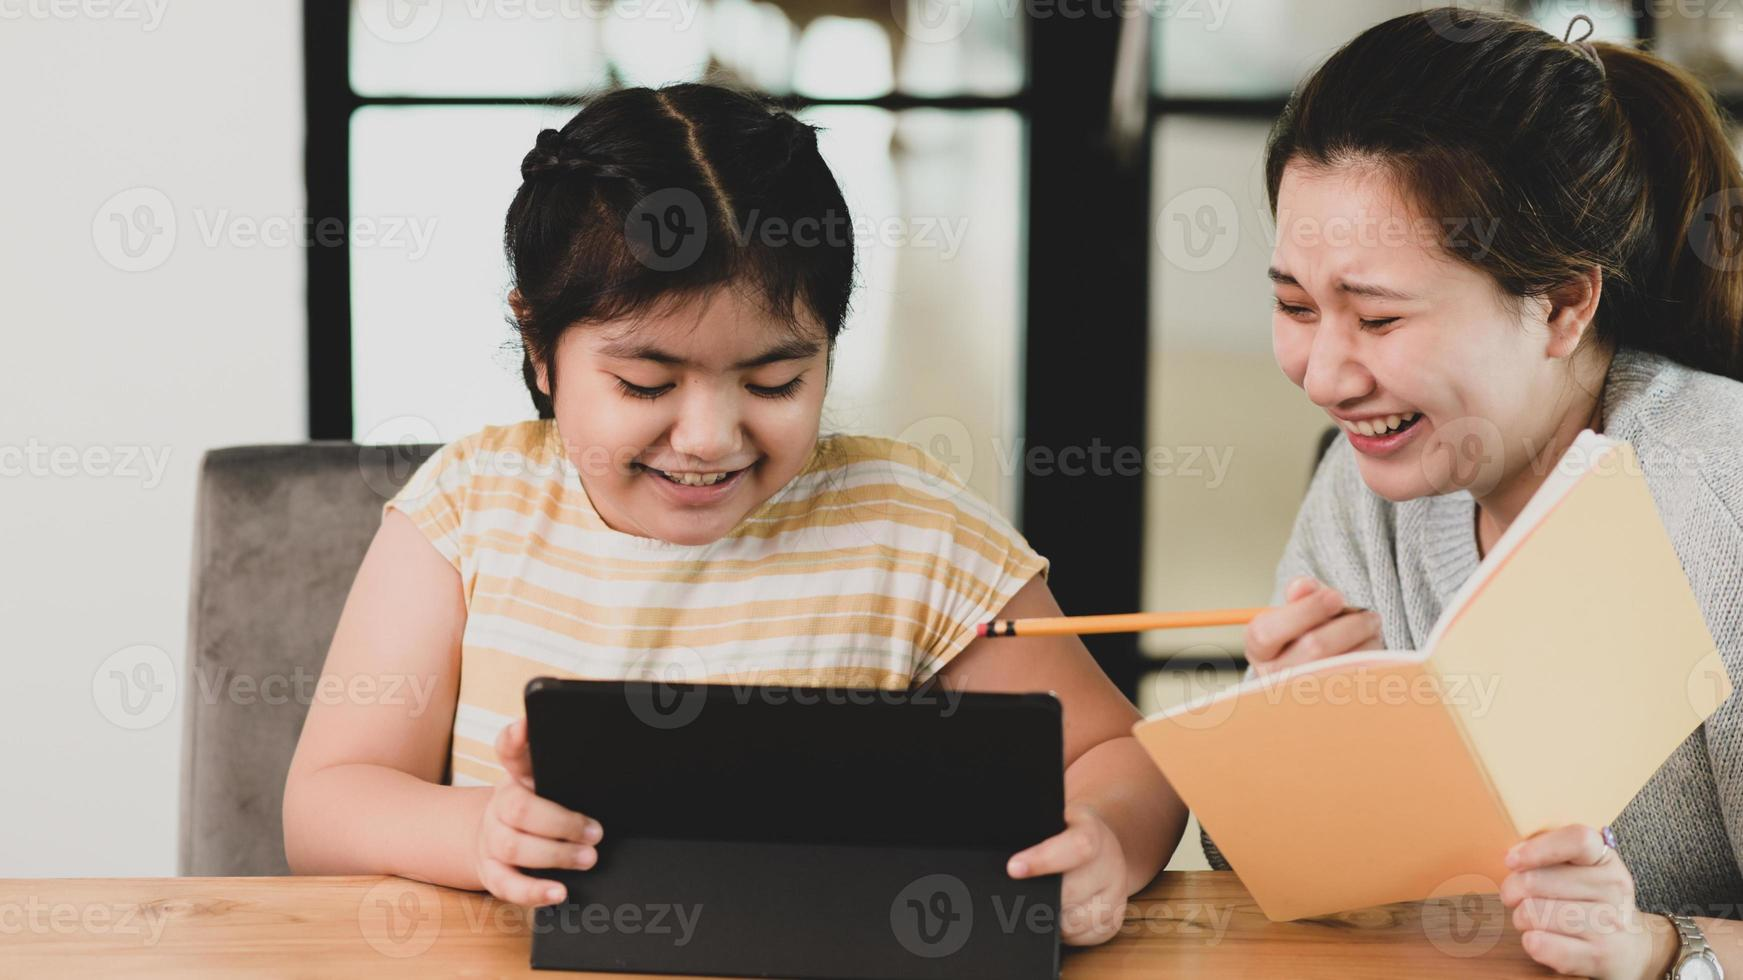 due giovani ragazze asiatiche con tablet stanno insegnando i compiti. foto